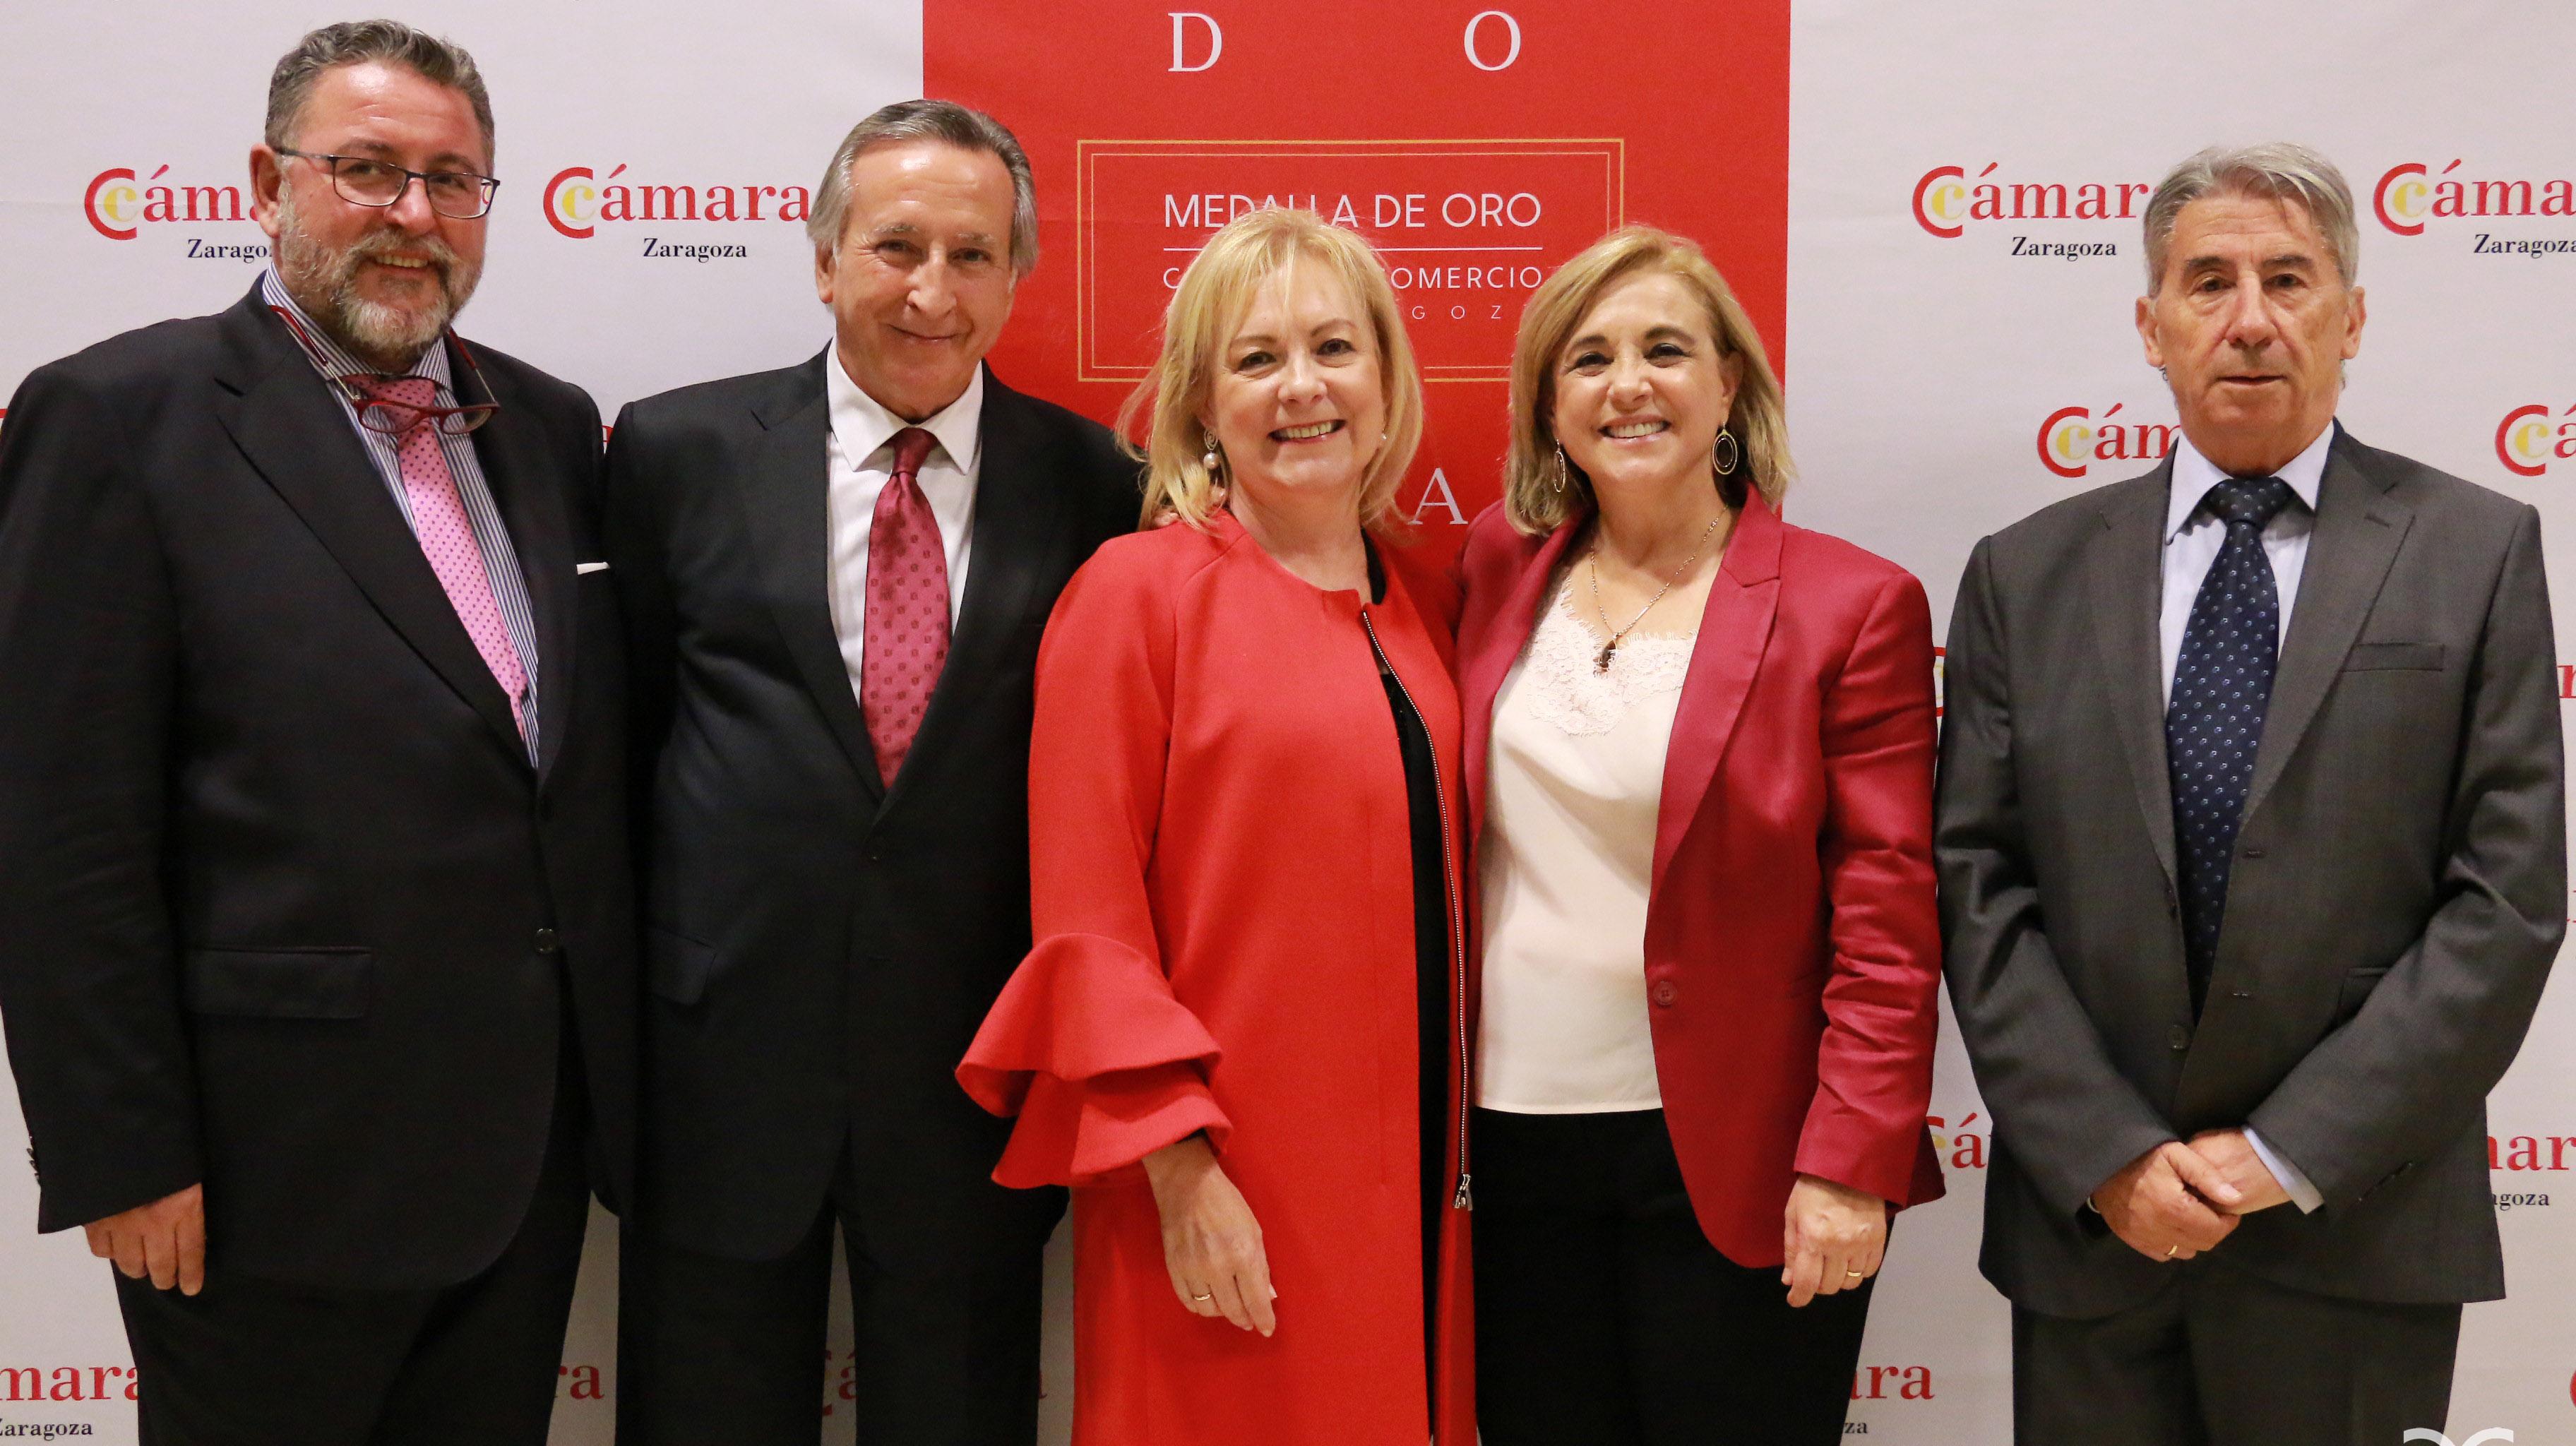 Enrique Díaz, Antonio Morlanes, María Jesús Lorente, Blanca Fernández-Galiano, Emilio López de Hita